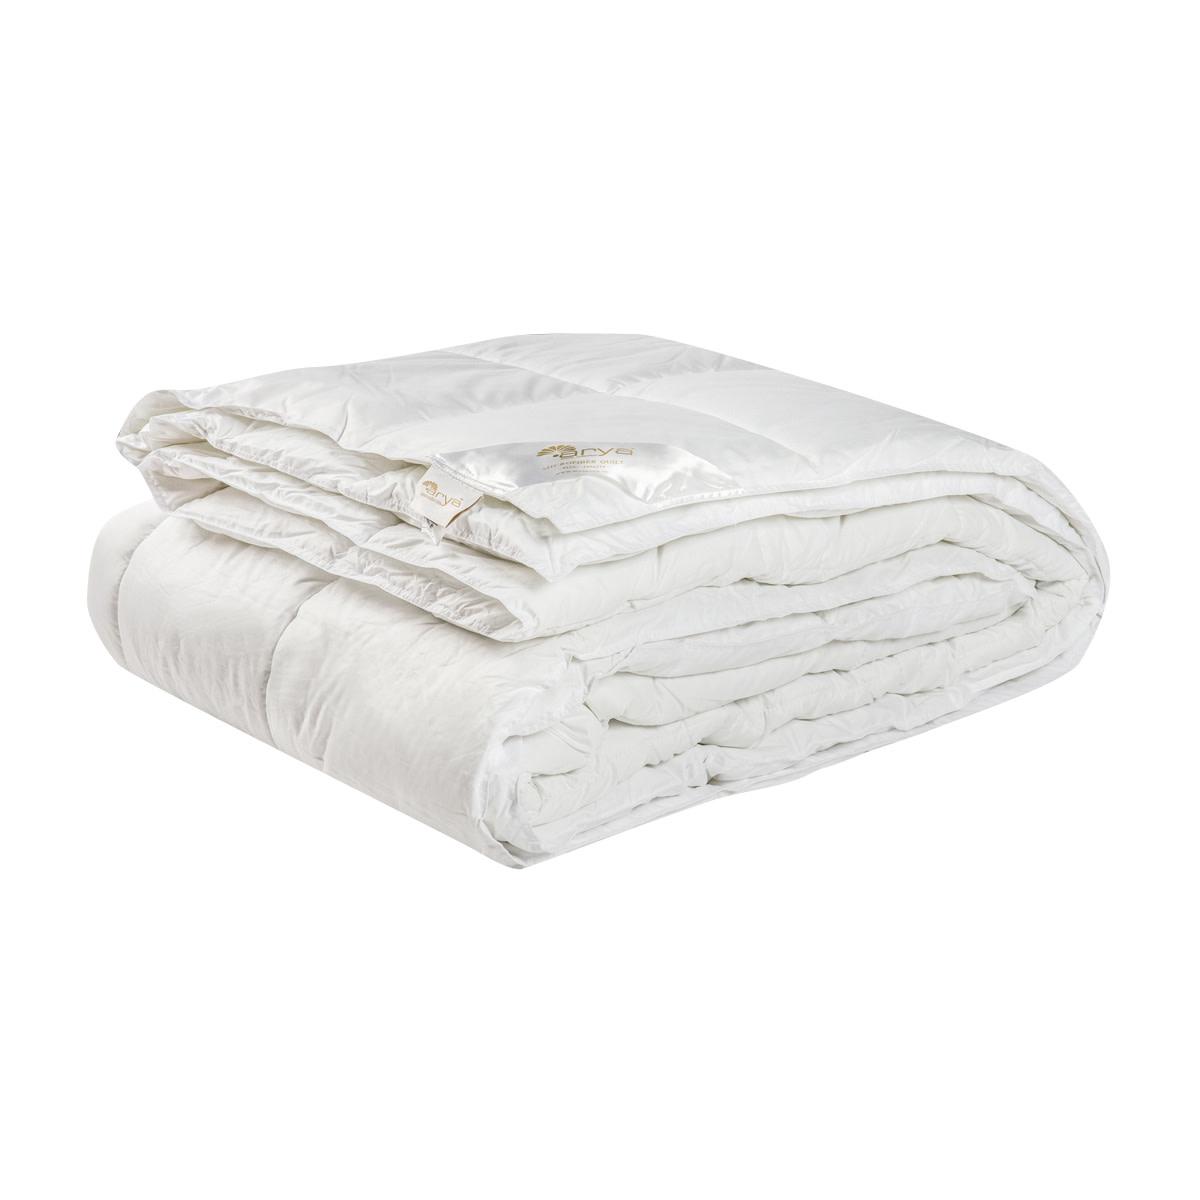 Одеяло Arya home collection  215х155 см силиконизированное волокно